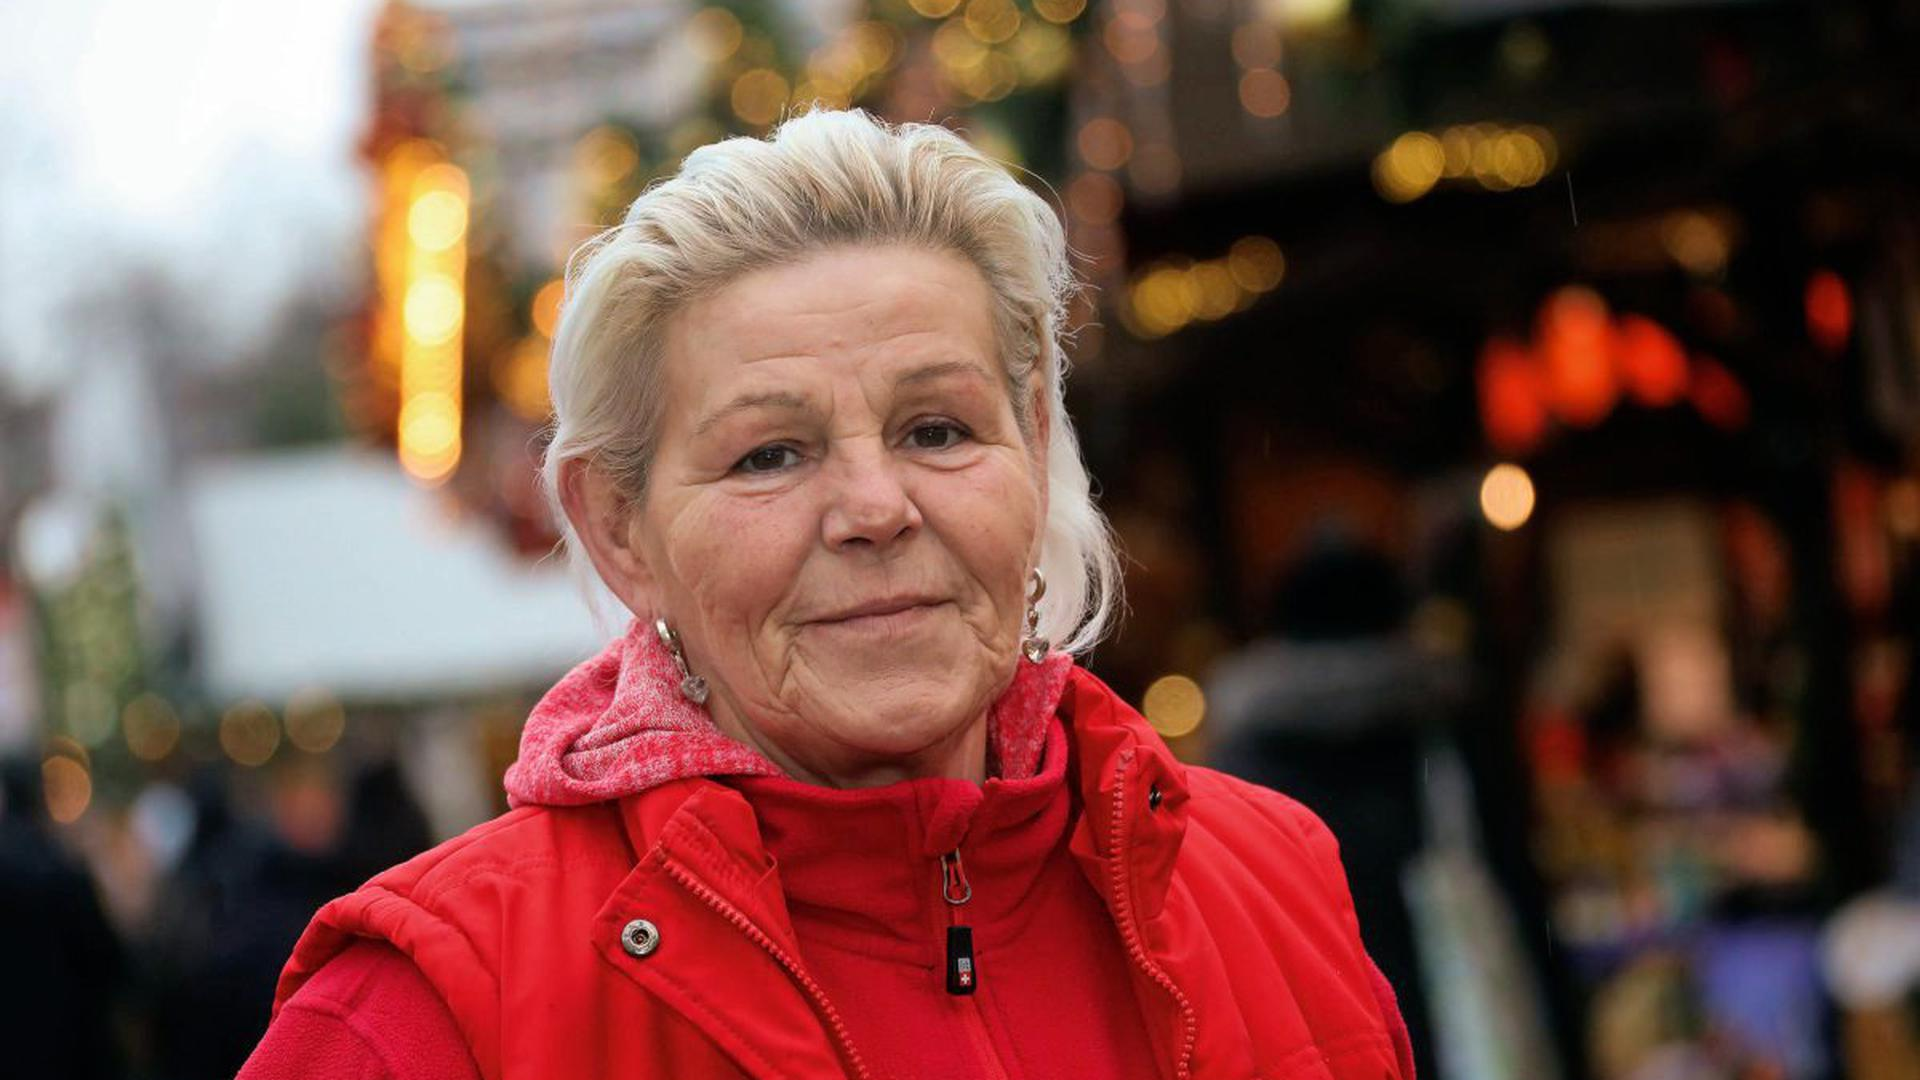 Freut sich auf Weihnachten: An diesem Montag öffnet Susanne Filder nochmals ihre Bude auf dem Friedrichsplatz, dann ist erst mal Pause.